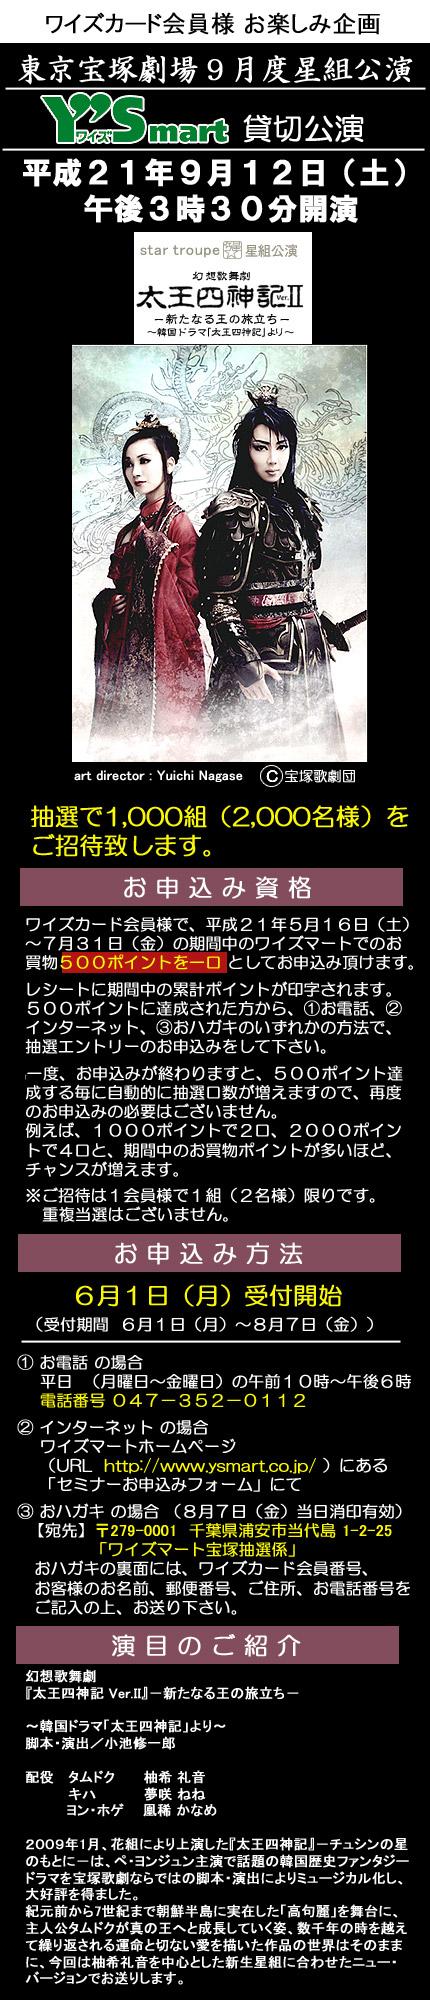 宝塚ポスター2.jpg